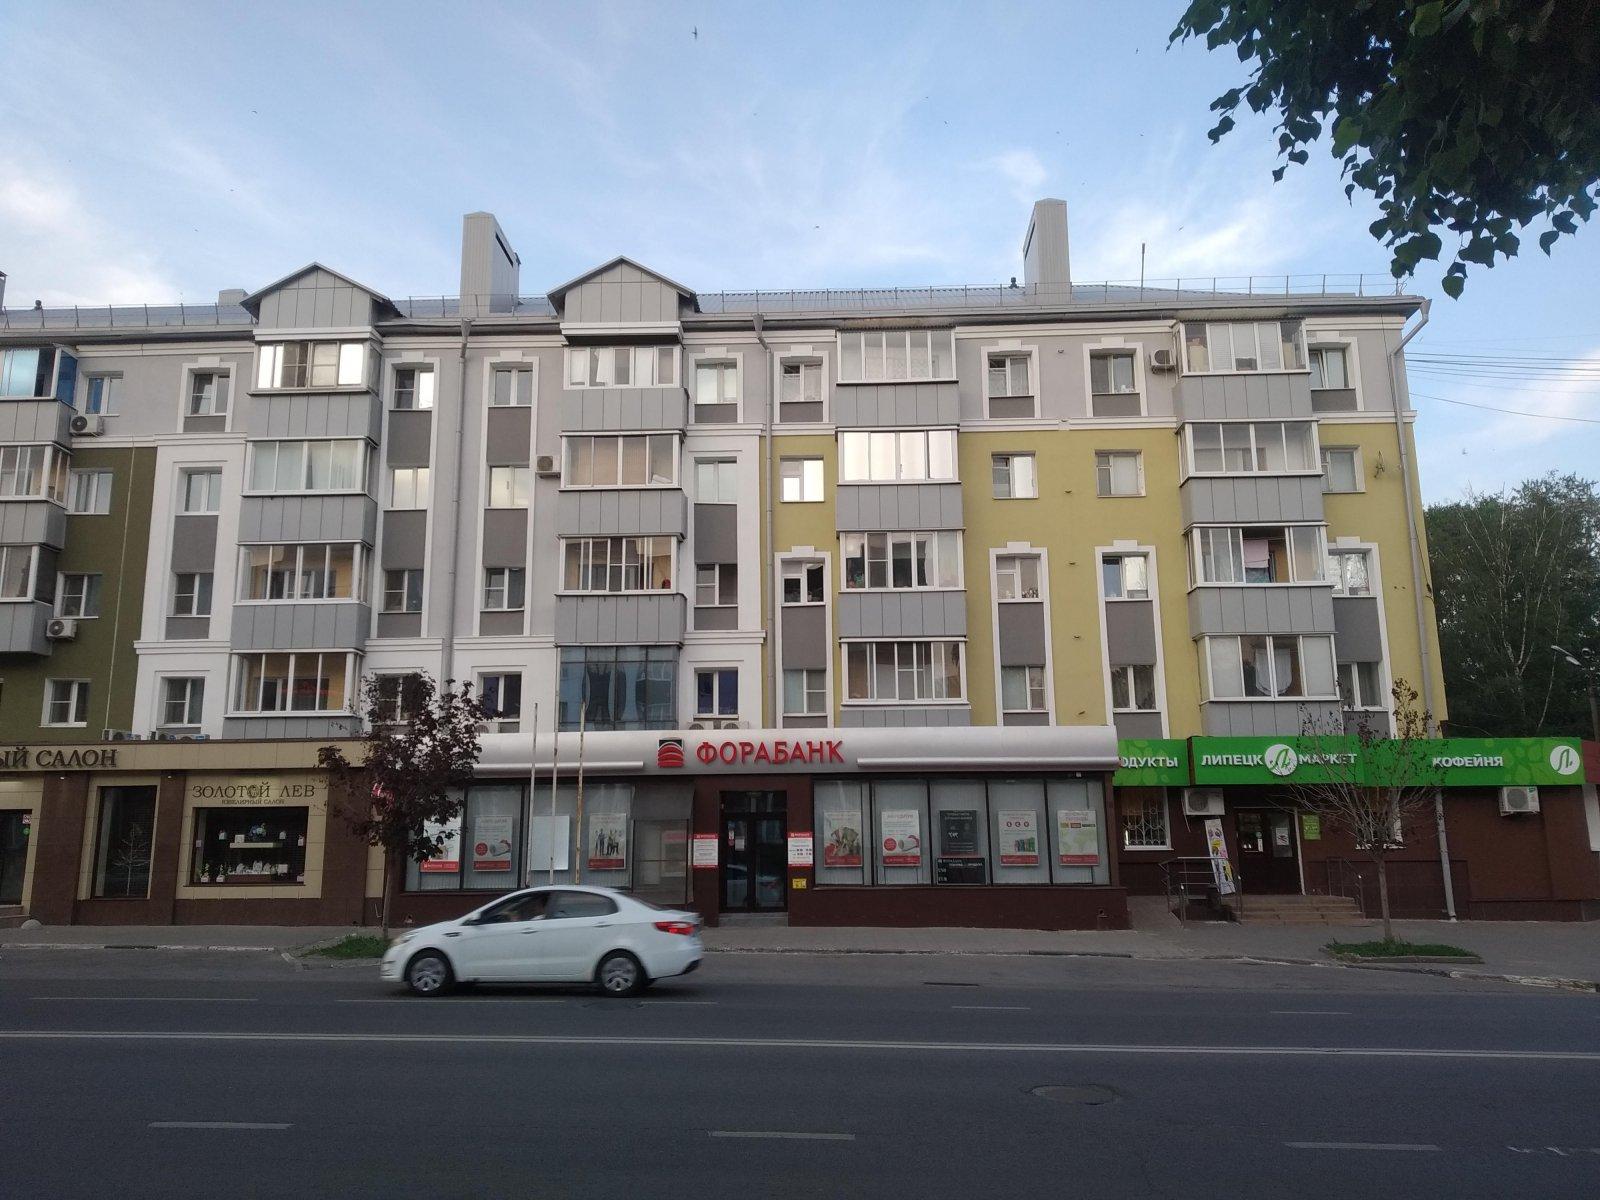 Липецк. Пример применения в отделке фасадов одного из зданий центральной улицы некачественных строительных материалов, имеющих небольшой срок эксплуатации (листовой металл, пластиковые элементы декора)